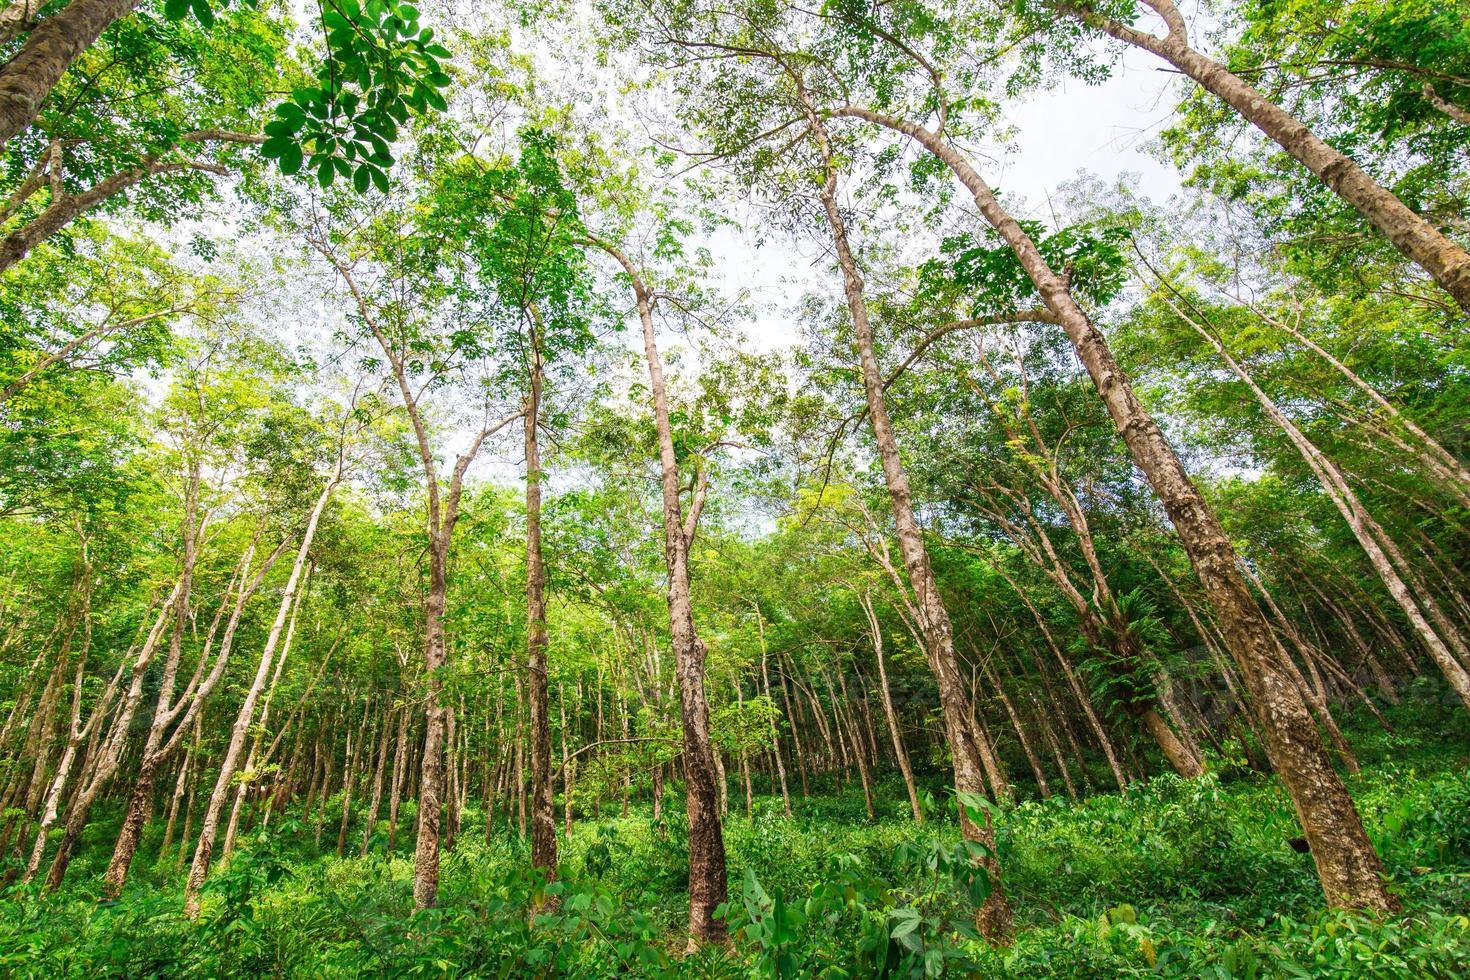 Landschaft von Gummibäumen foto